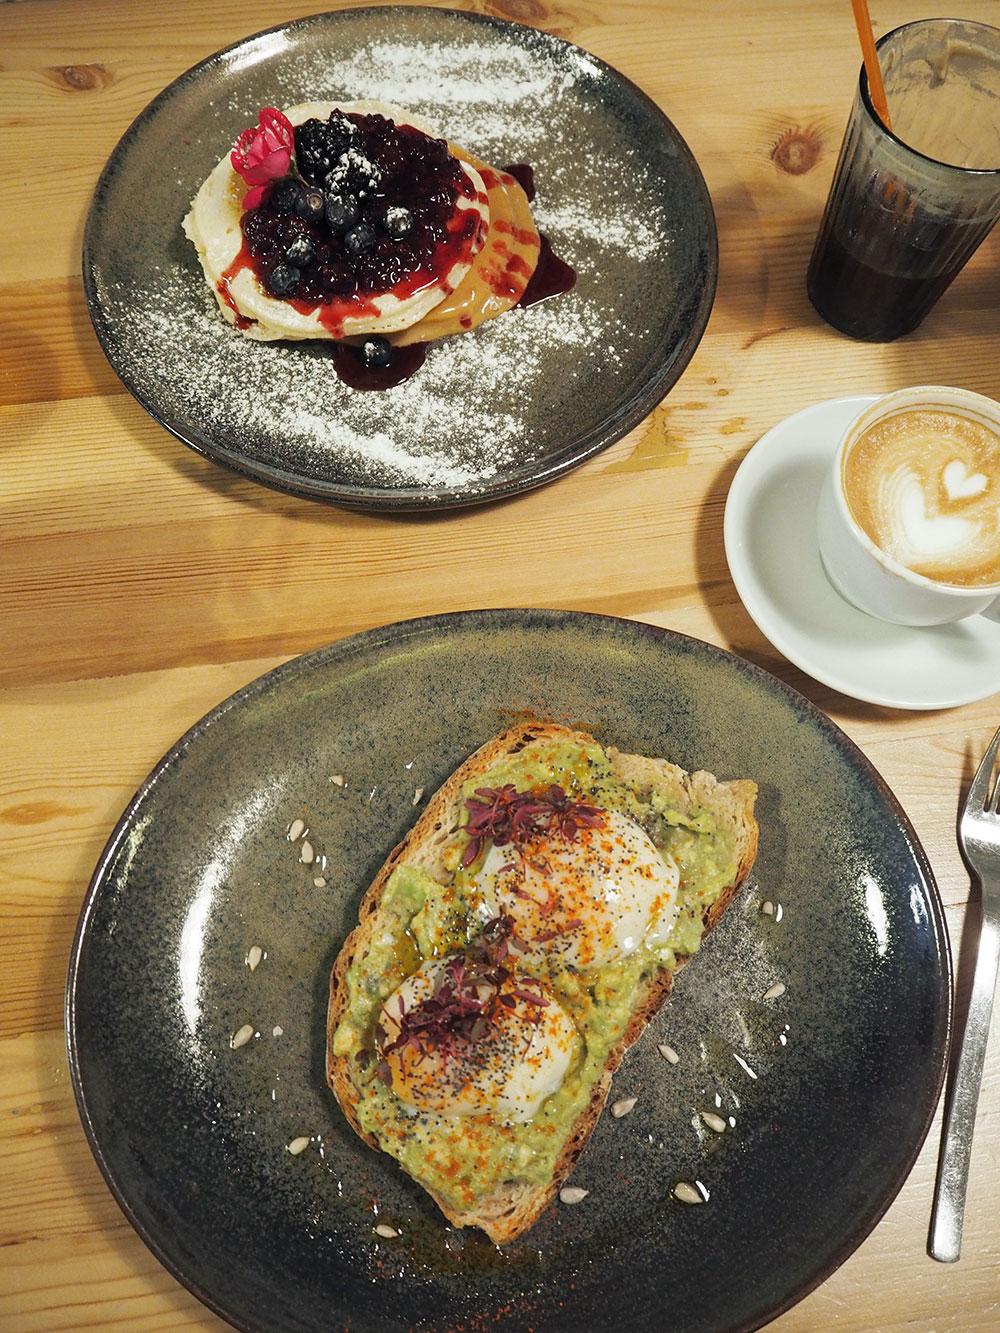 RosyCheeks-flora-fauna-breakfast